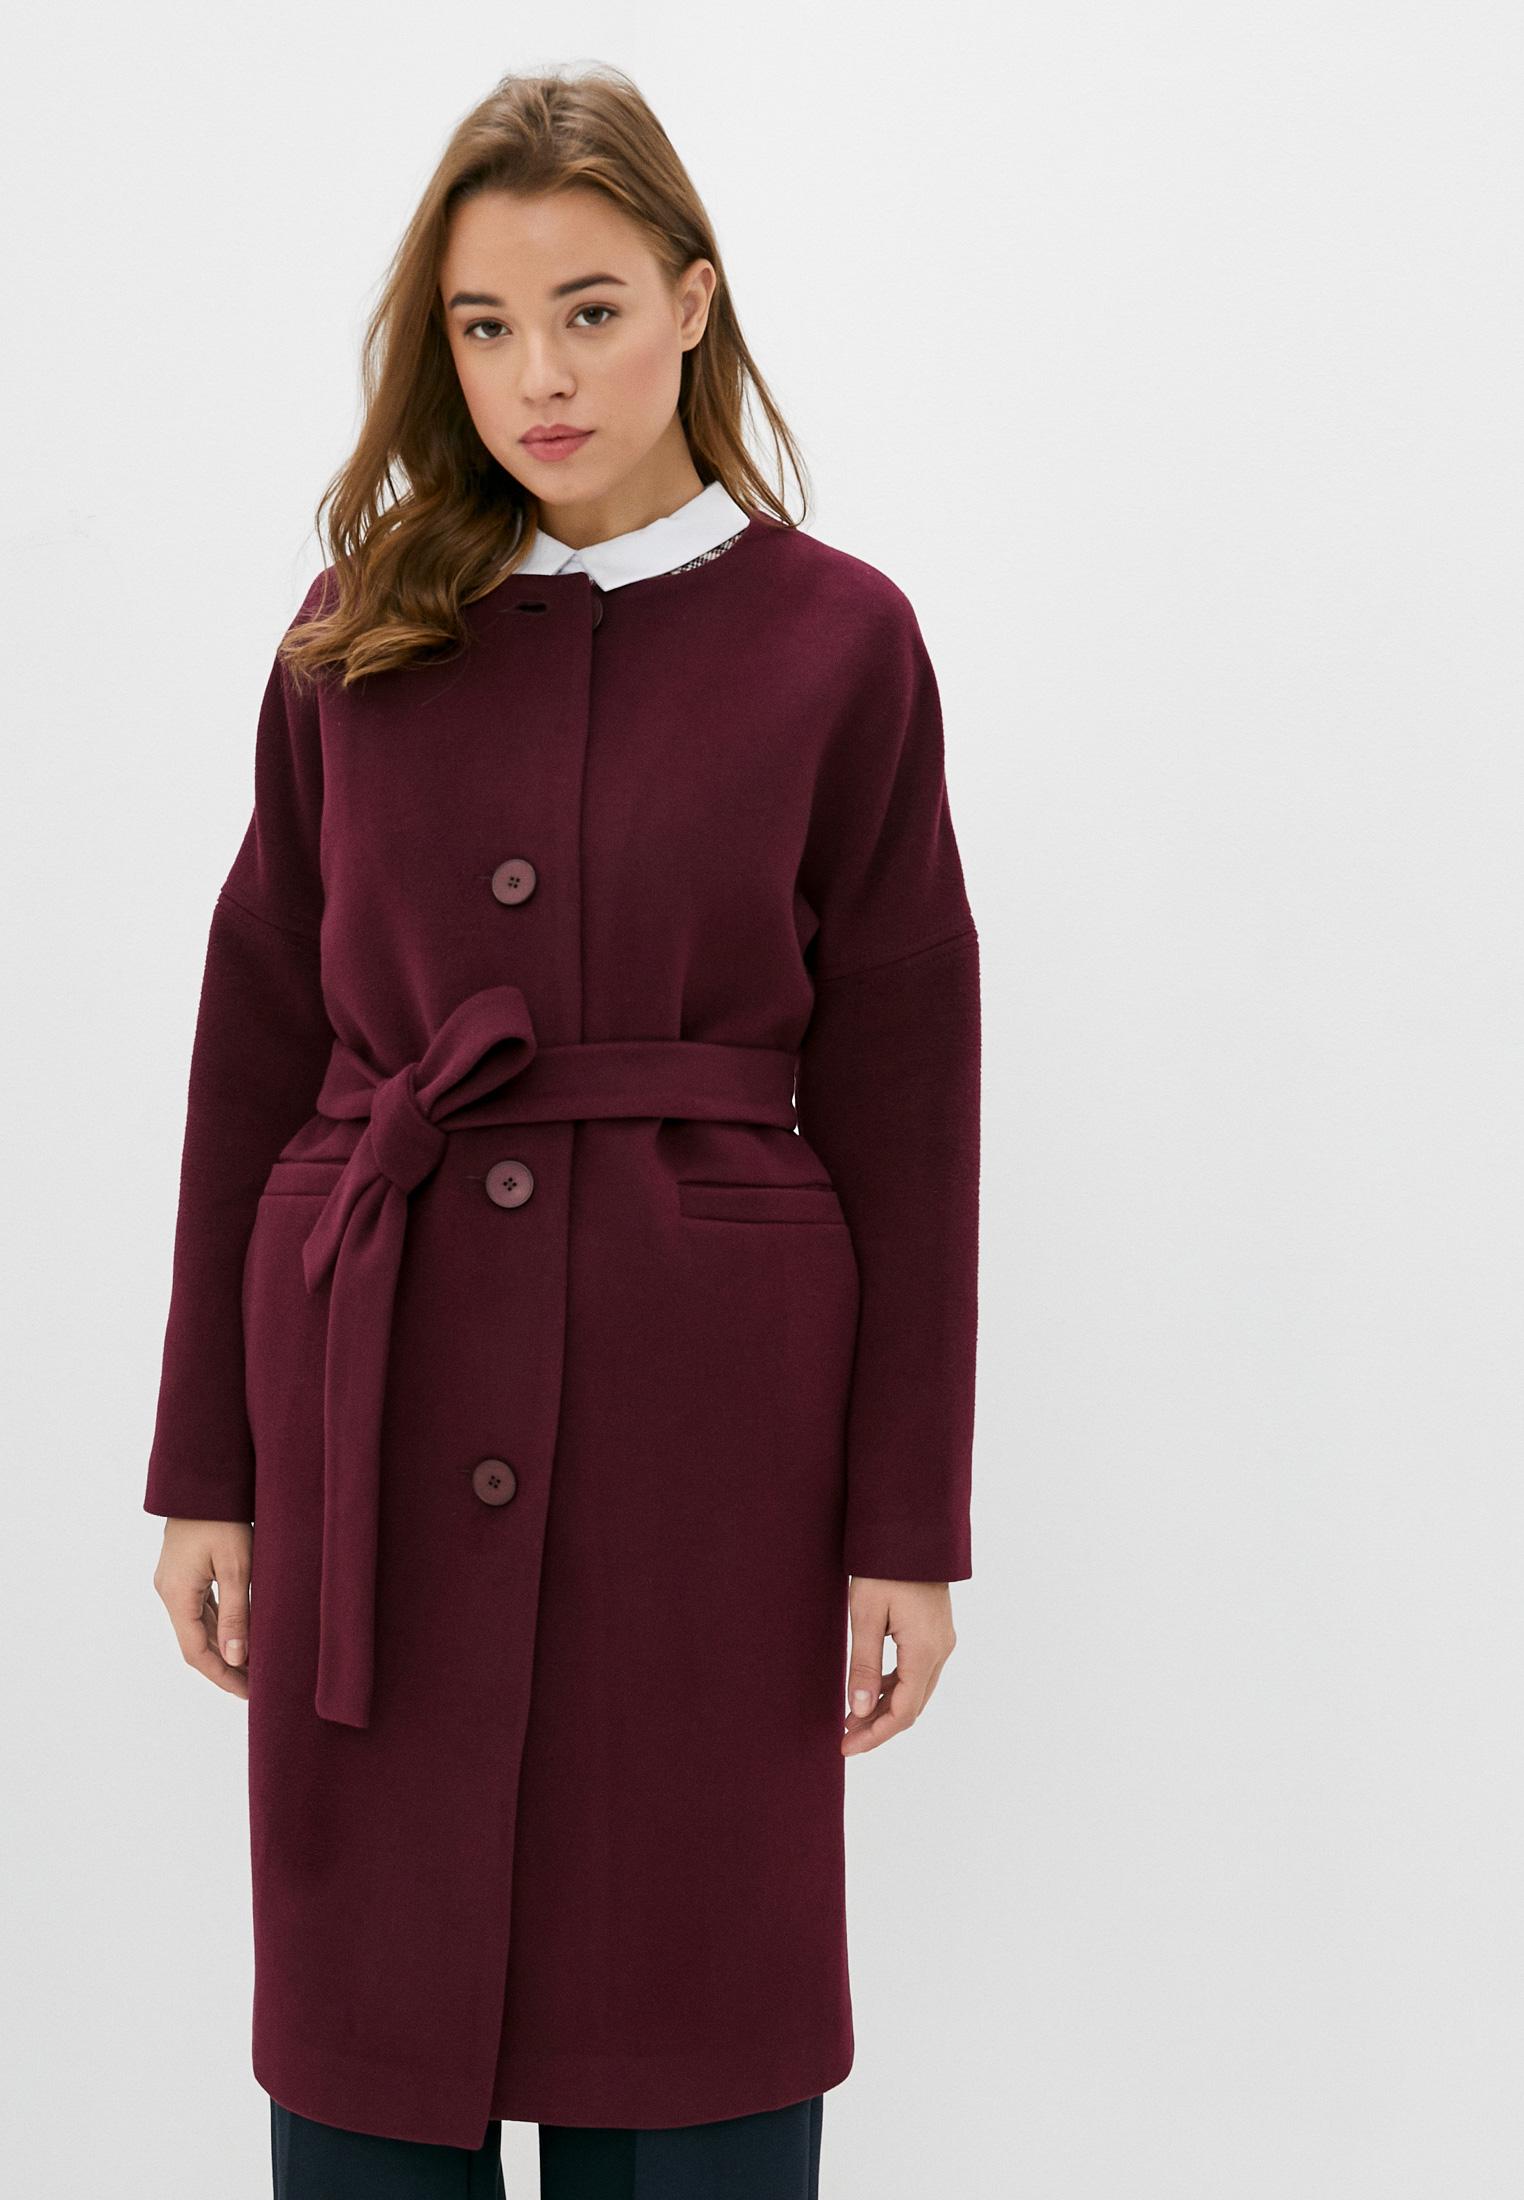 Женские пальто Moda Sincera MS525-77